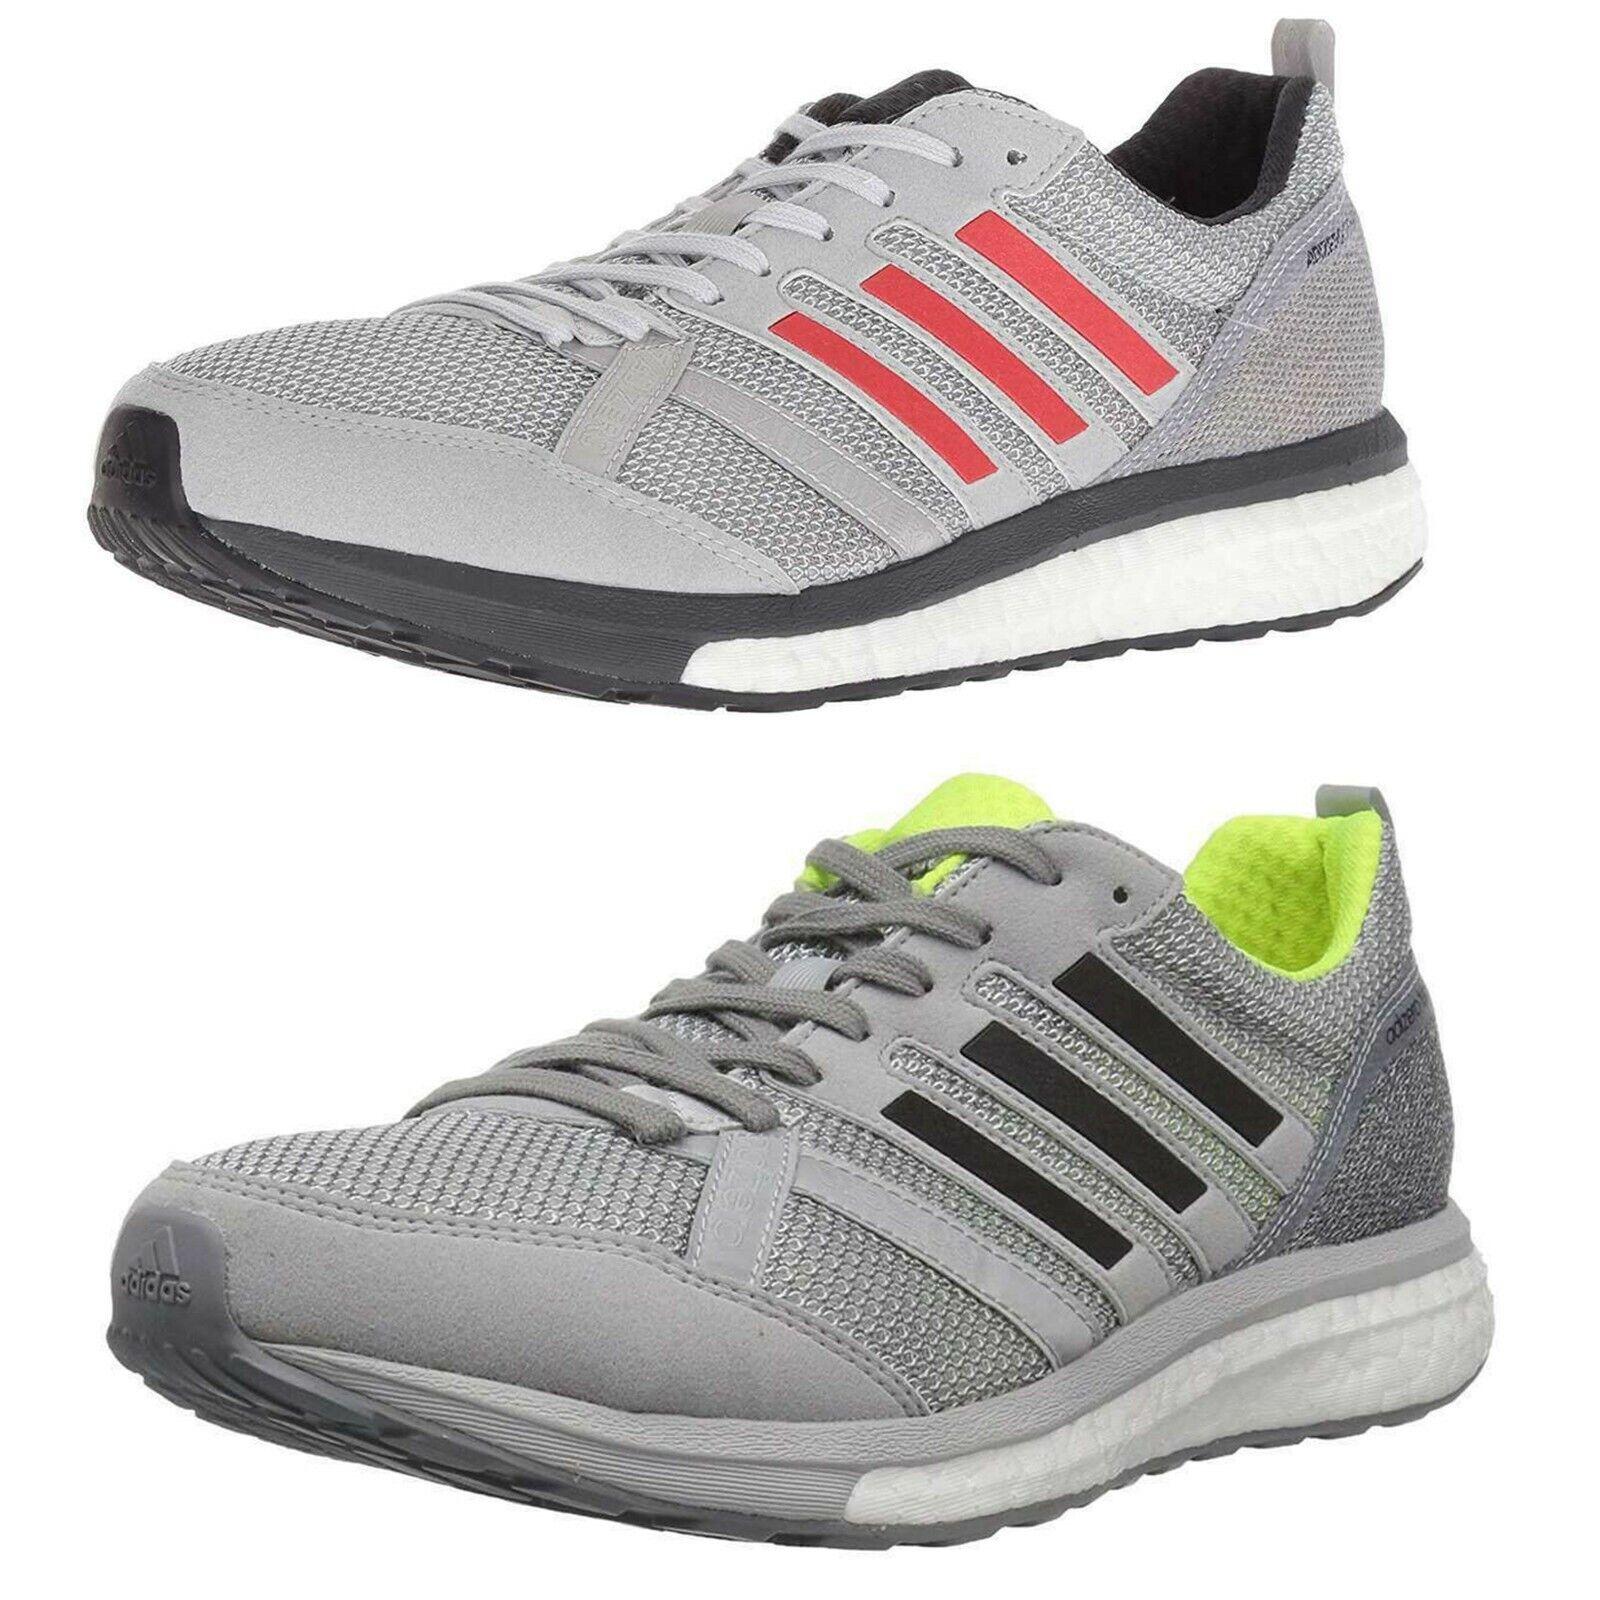 Adidas para hombre adizero tempo boost 9 correr zapatillas nuevos Zapatos de entrenamiento cruzado